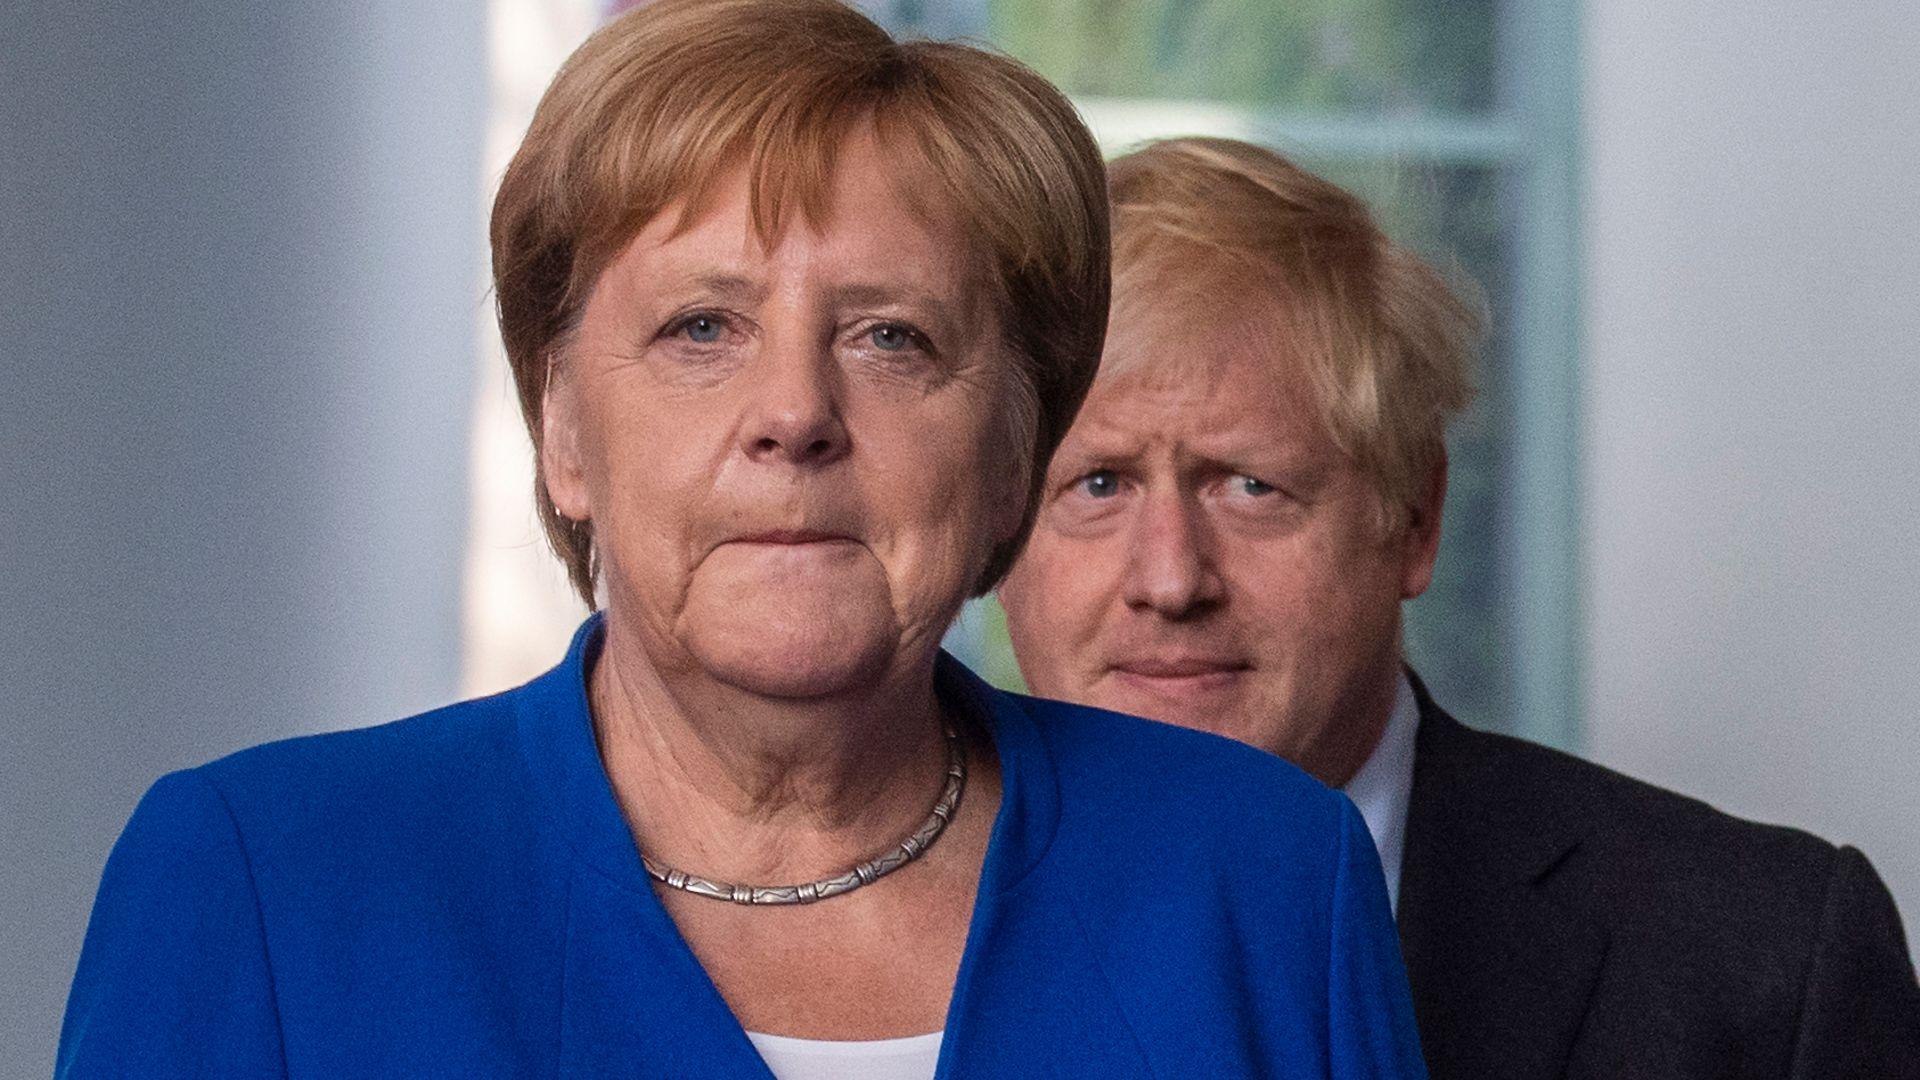 Angela Merkel and Boris Johnson in 2019 in Berlin - Credit: AFP via Getty Images